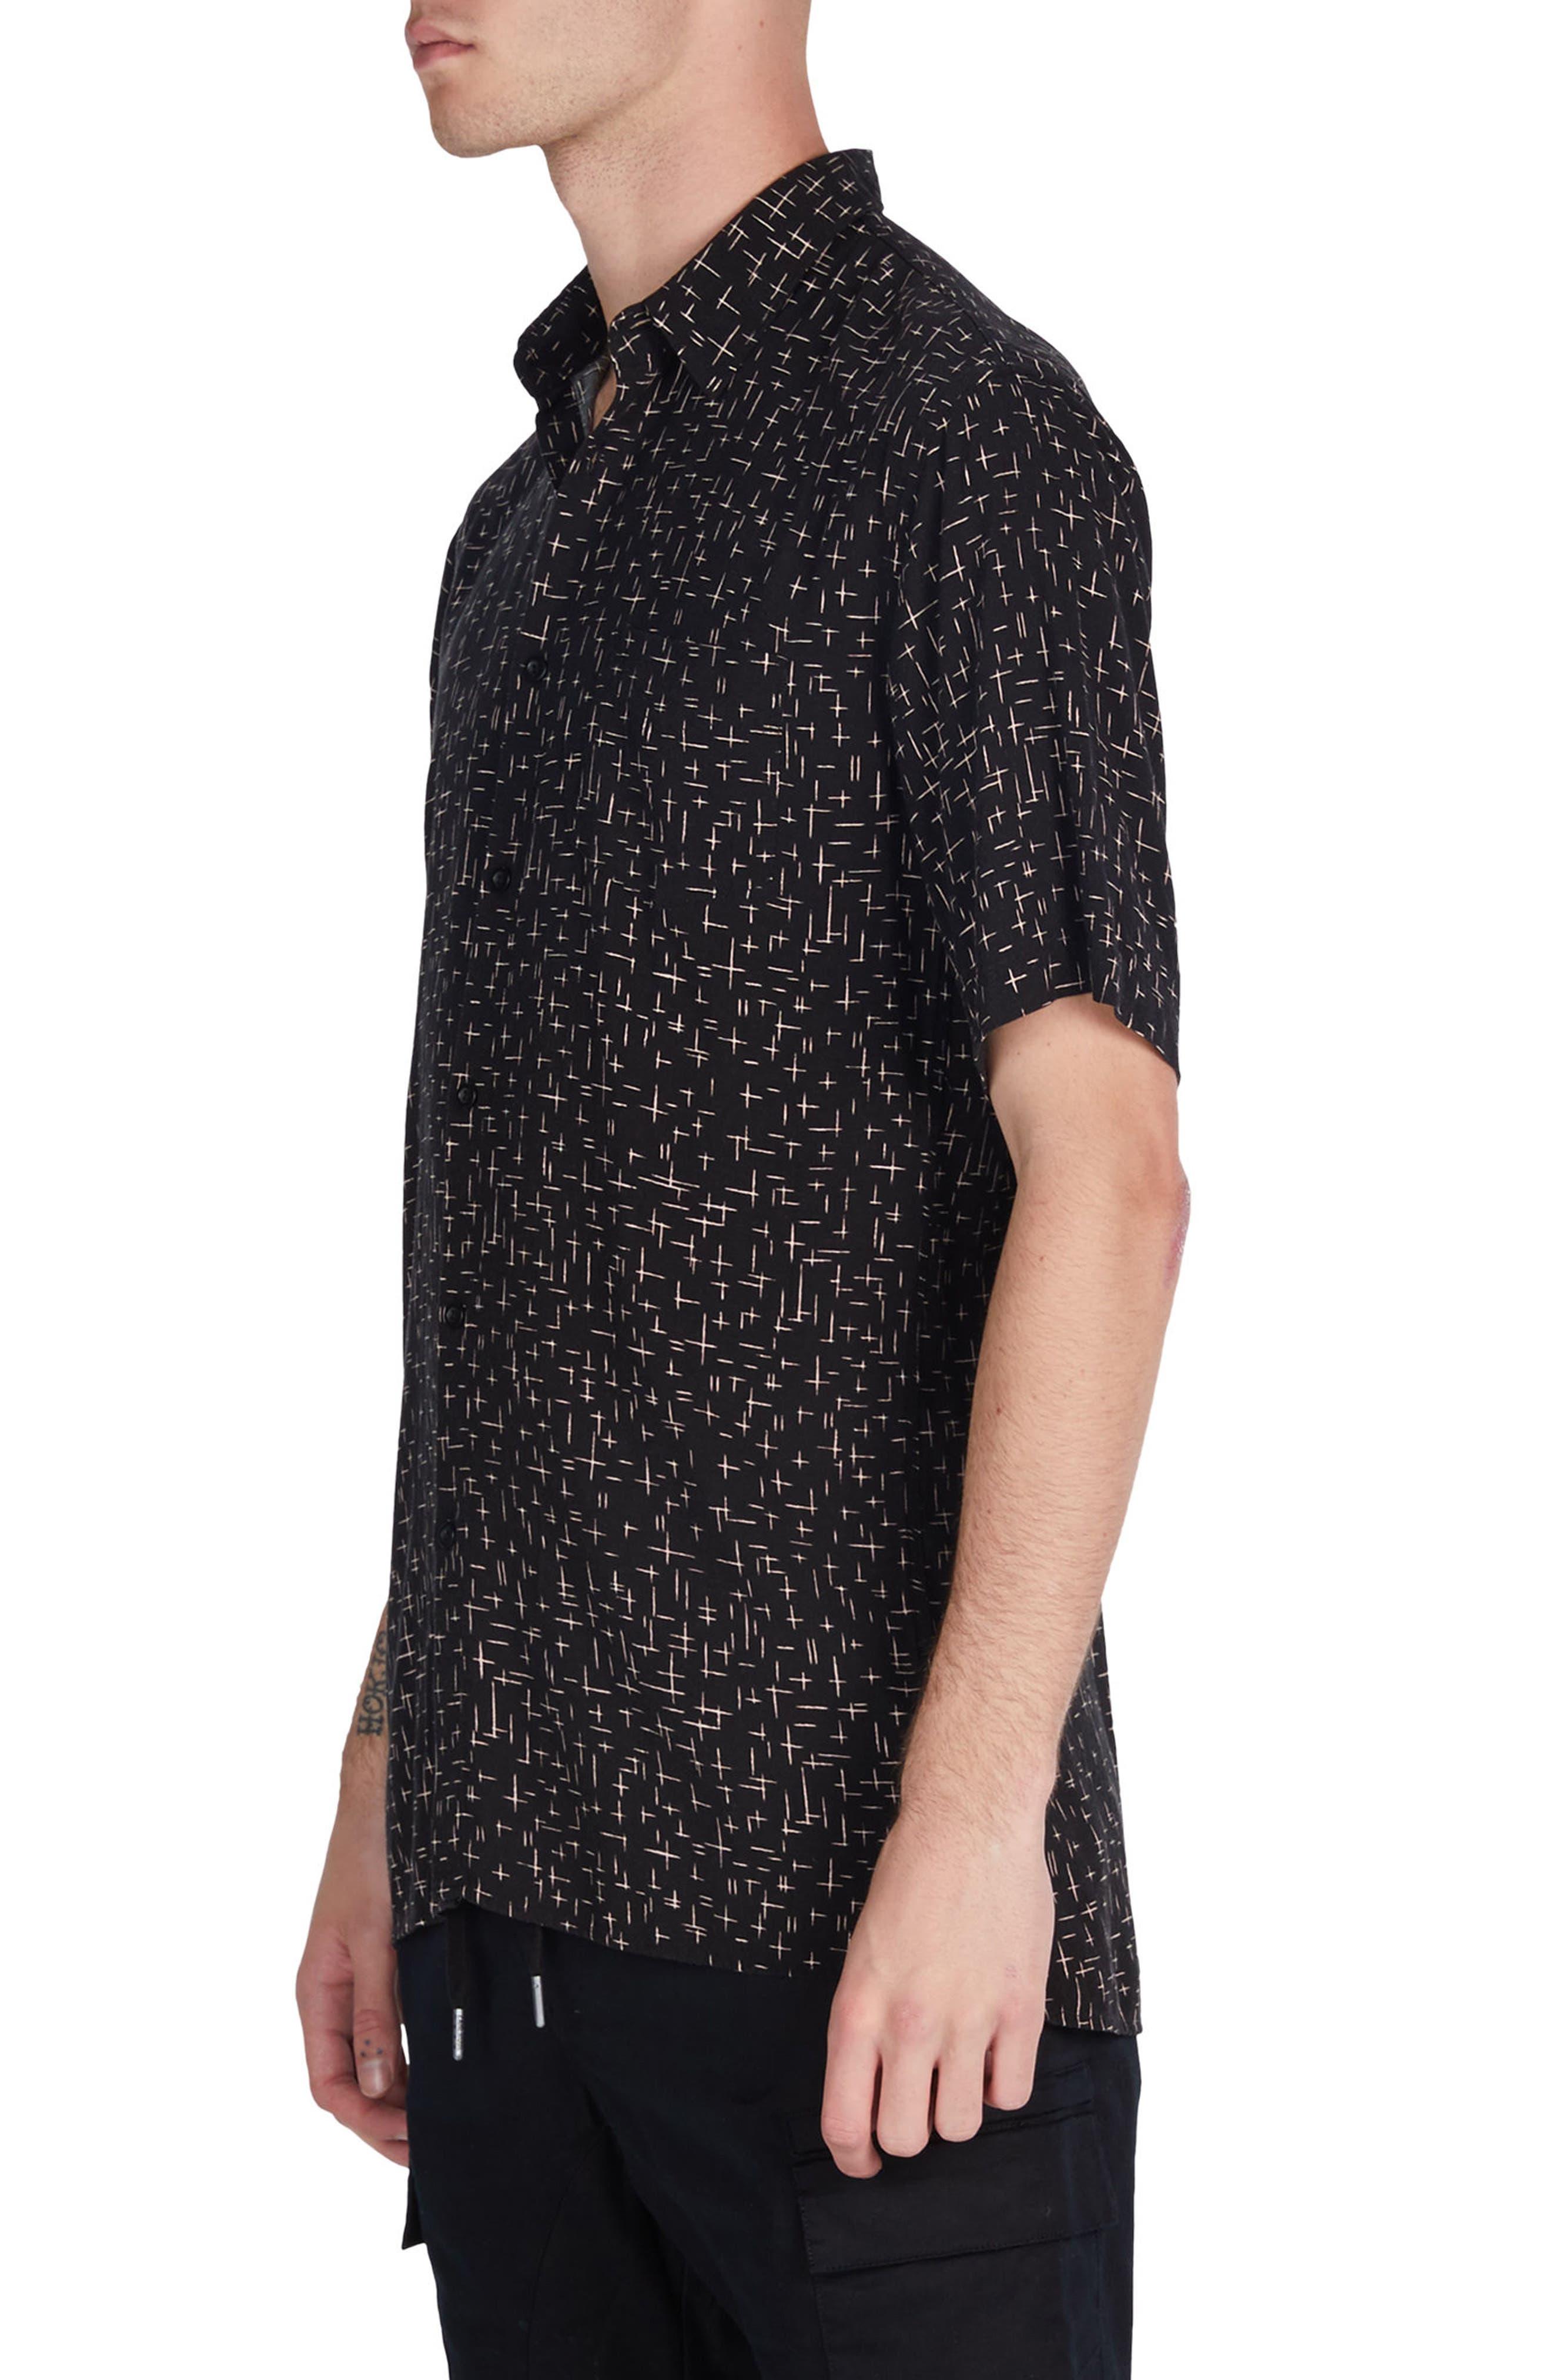 XCross Box Shirt,                             Alternate thumbnail 4, color,                             Black/ Quartz